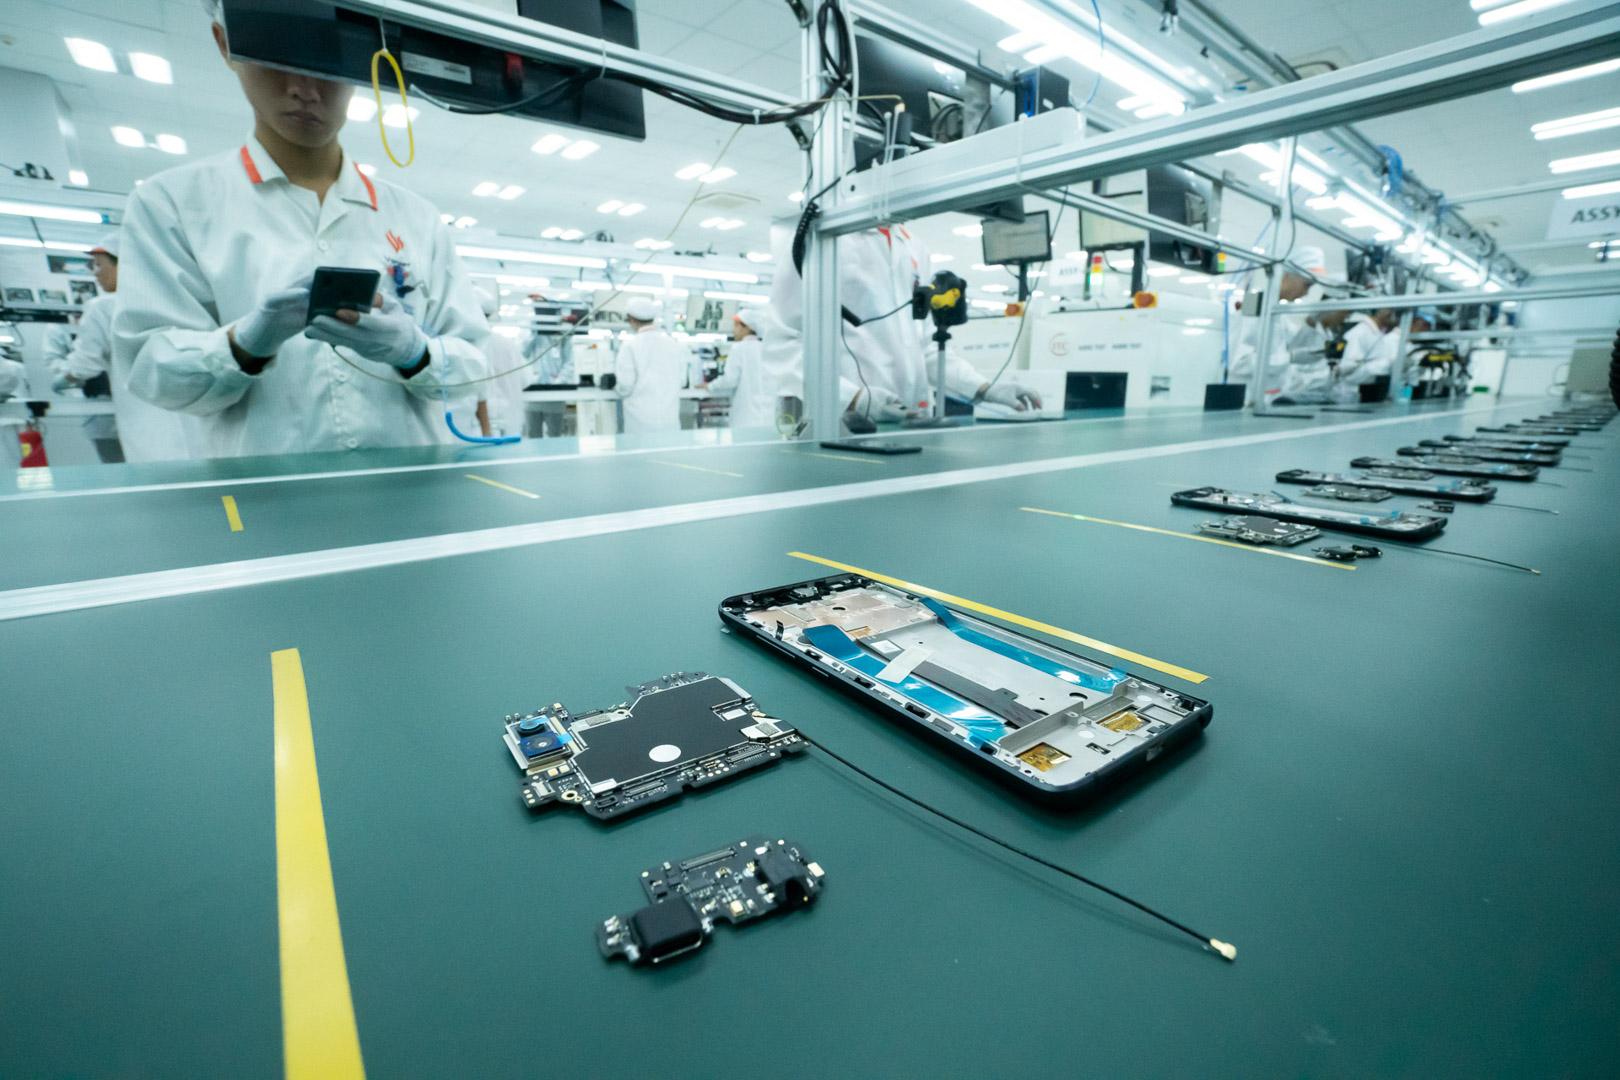 Vingroup khởi công nhà máy điện thoại thông minh công suất 125 triệu máy/năm - Ảnh 3